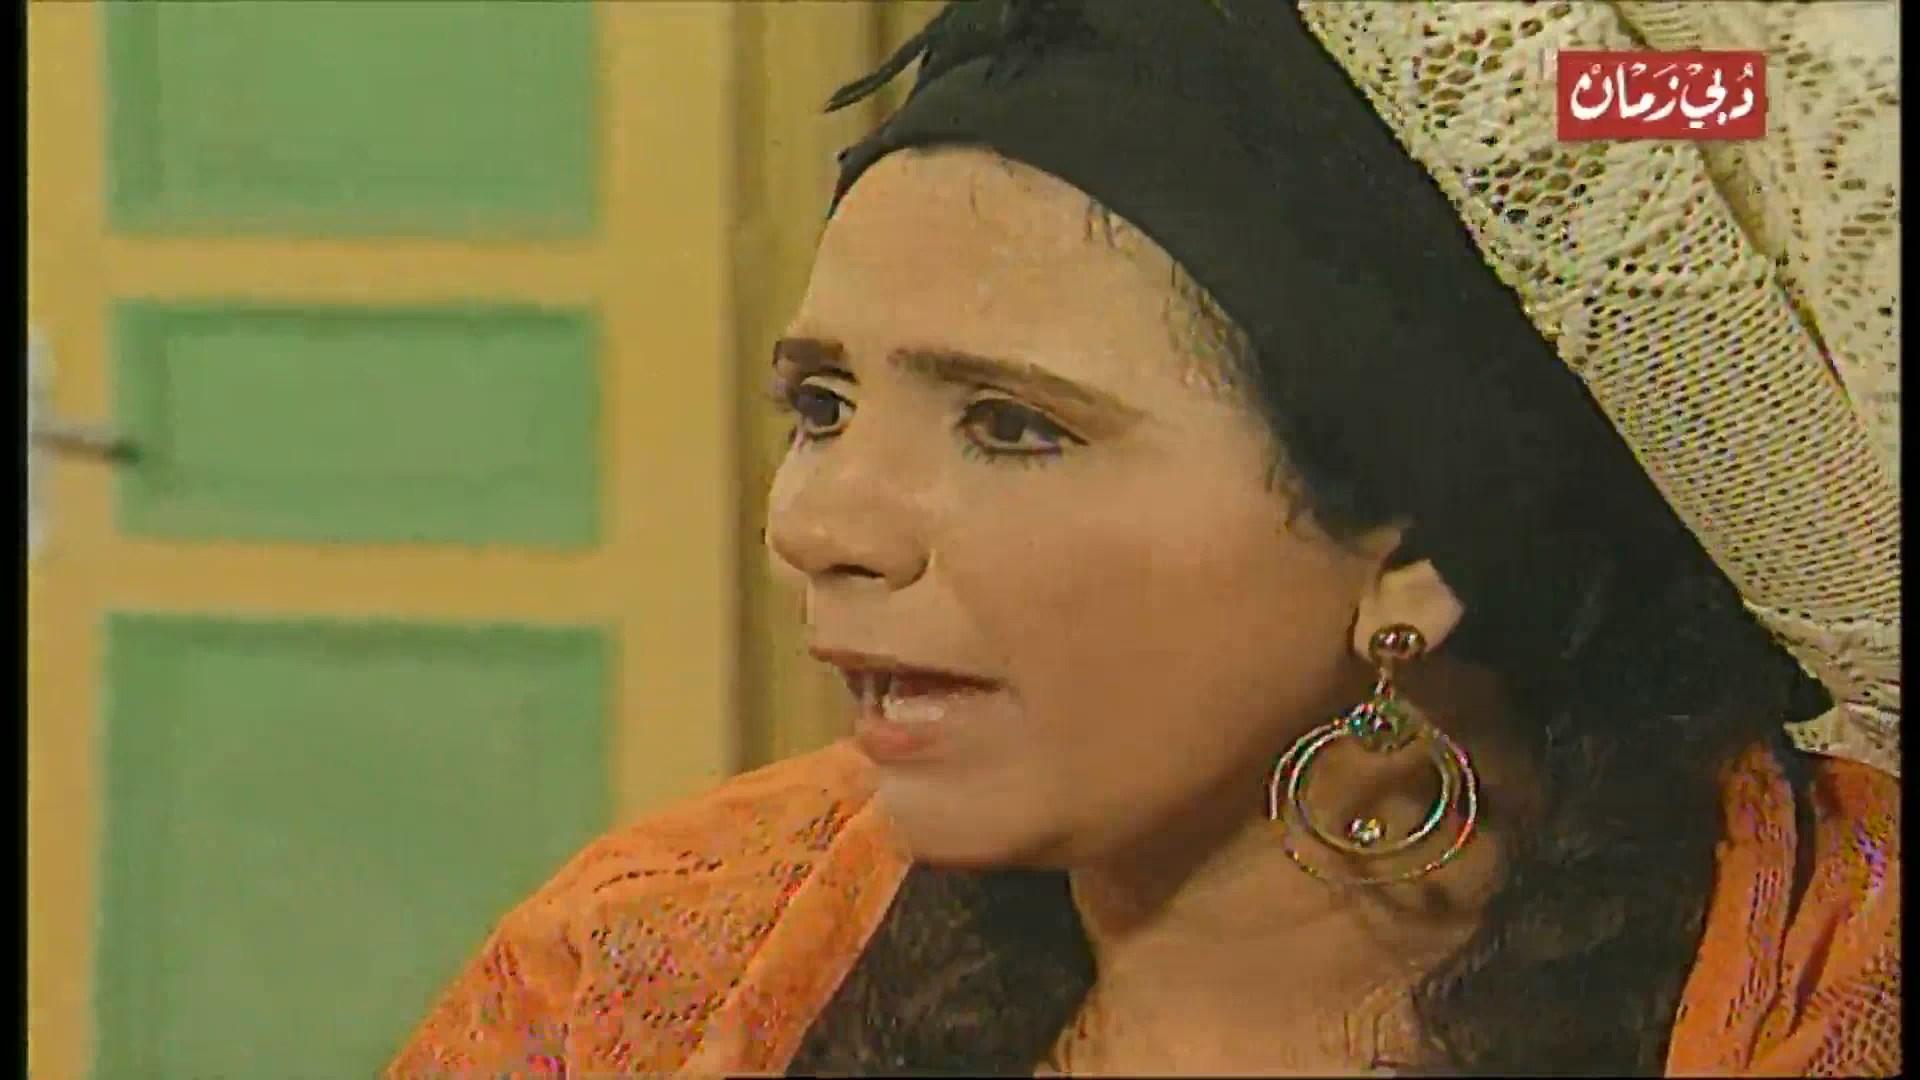 مسلسل الفدان الأخير (1992) 1080p تحميل تورنت 7 arabp2p.com